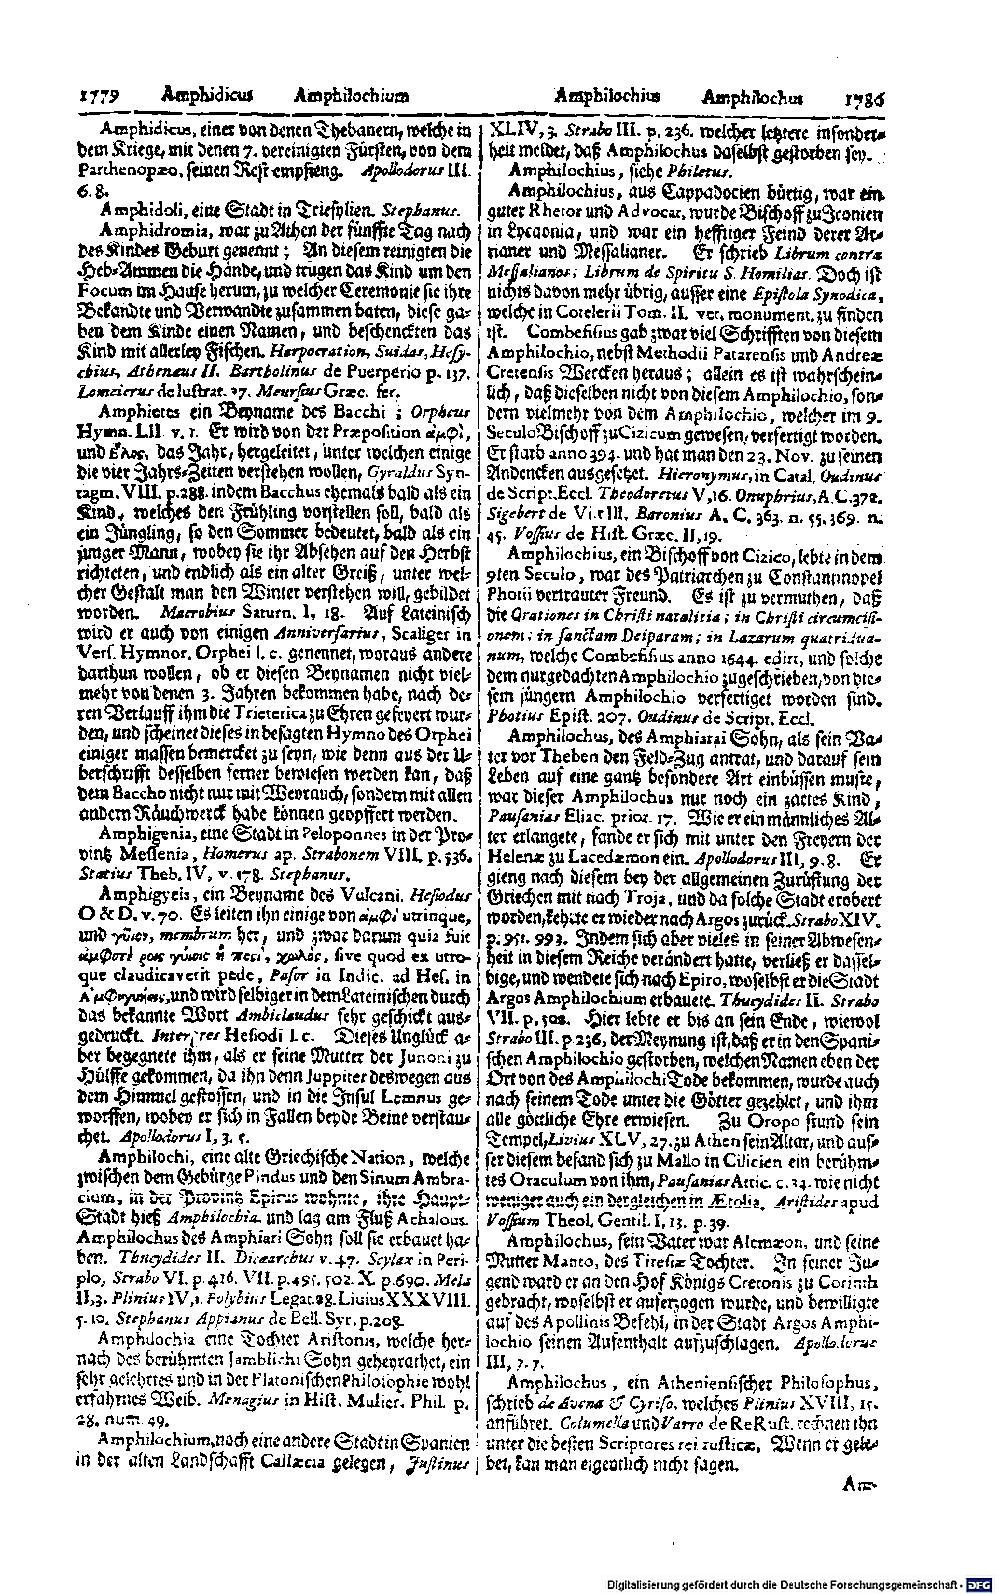 Bd. 01, Seite 0879.